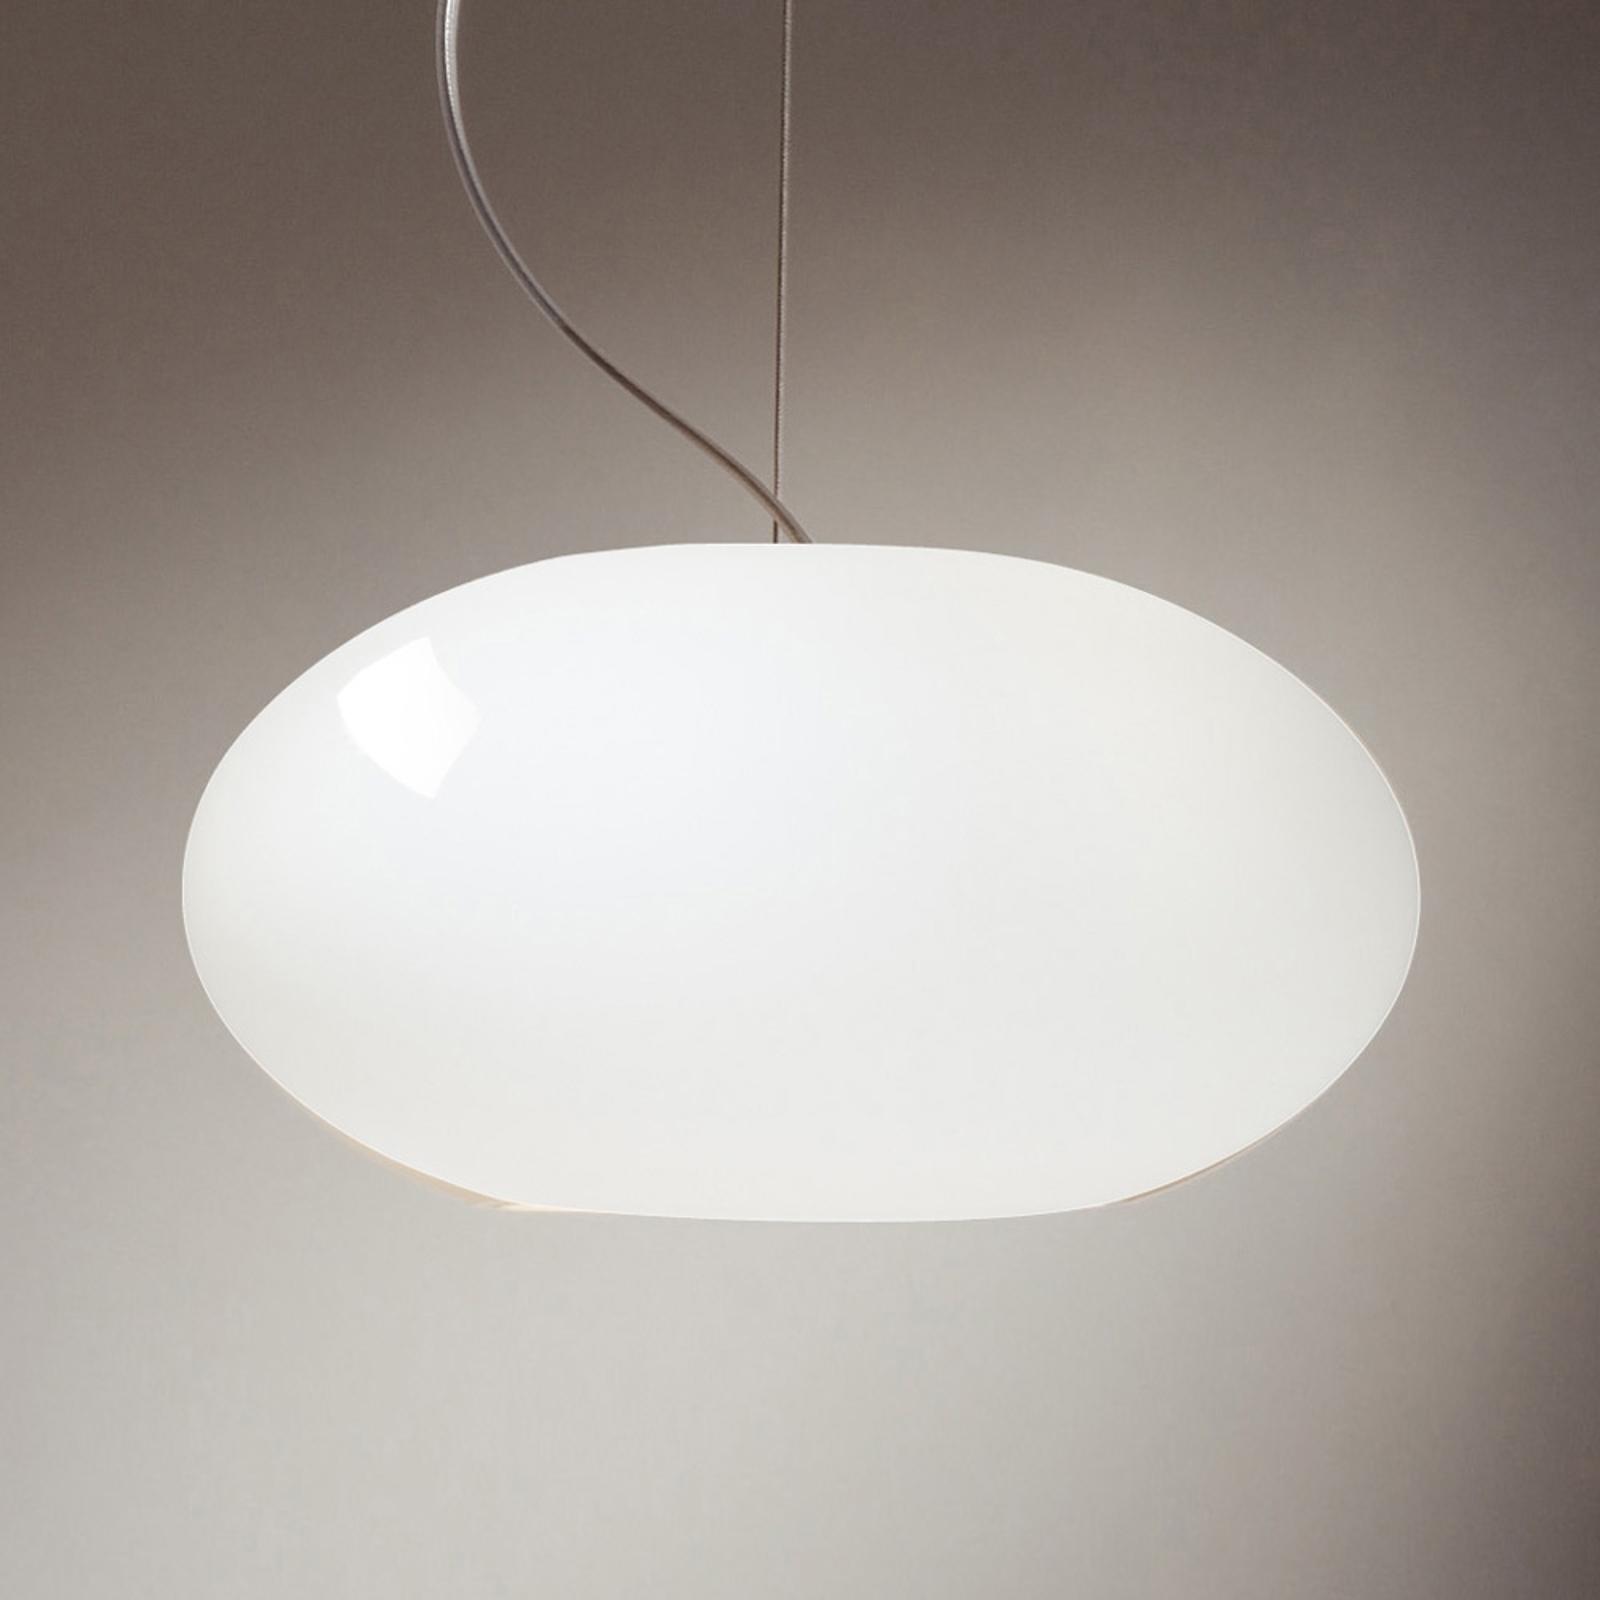 Lampa wisząca AIH, 28 cm, biała błyszcząca